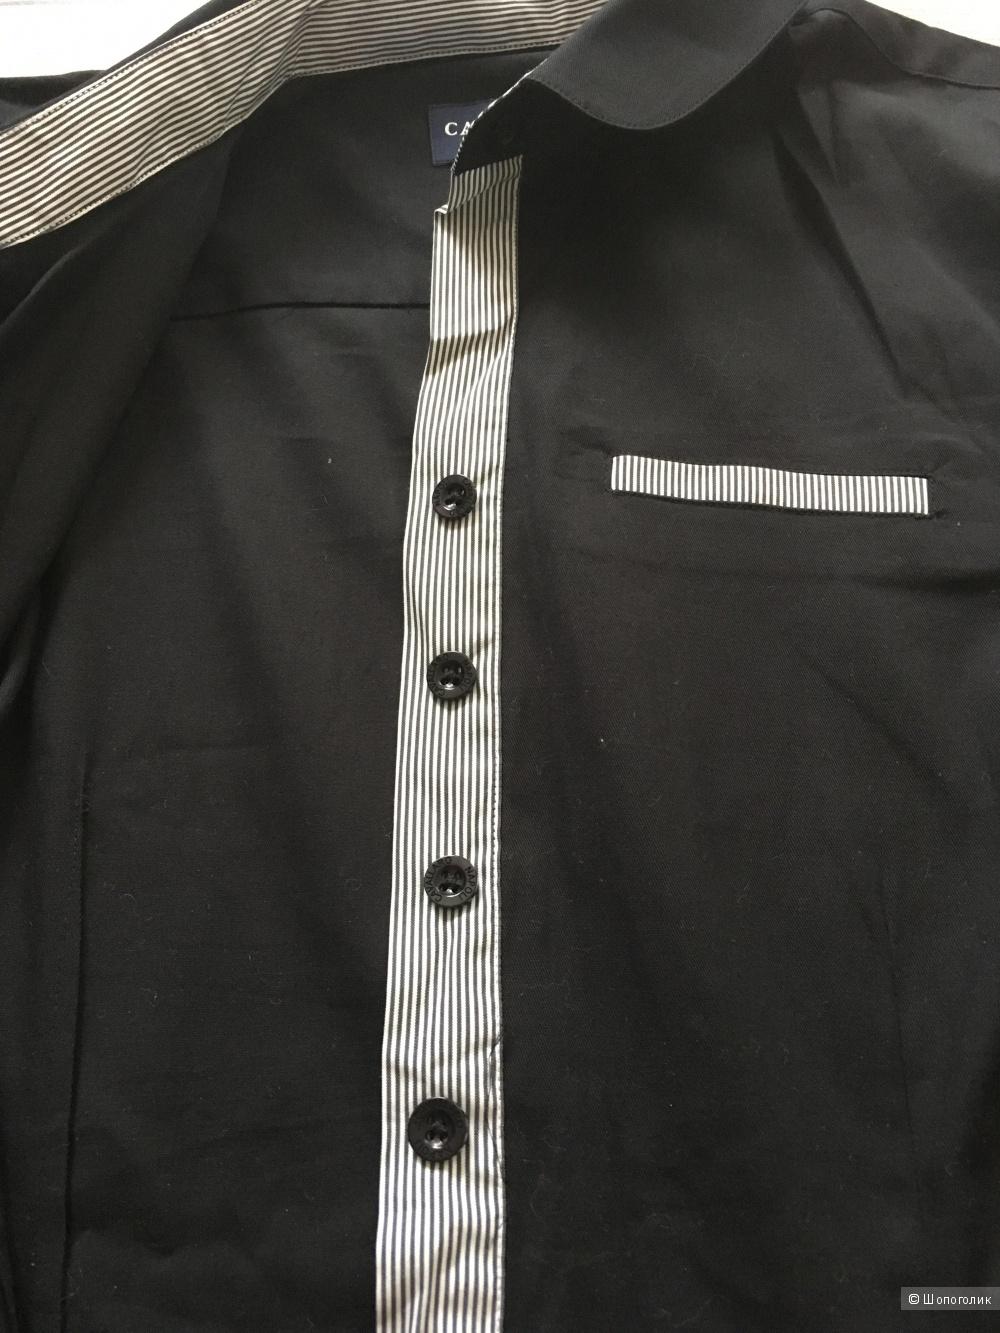 Рубашка Cavallaro Napoli, размер 38